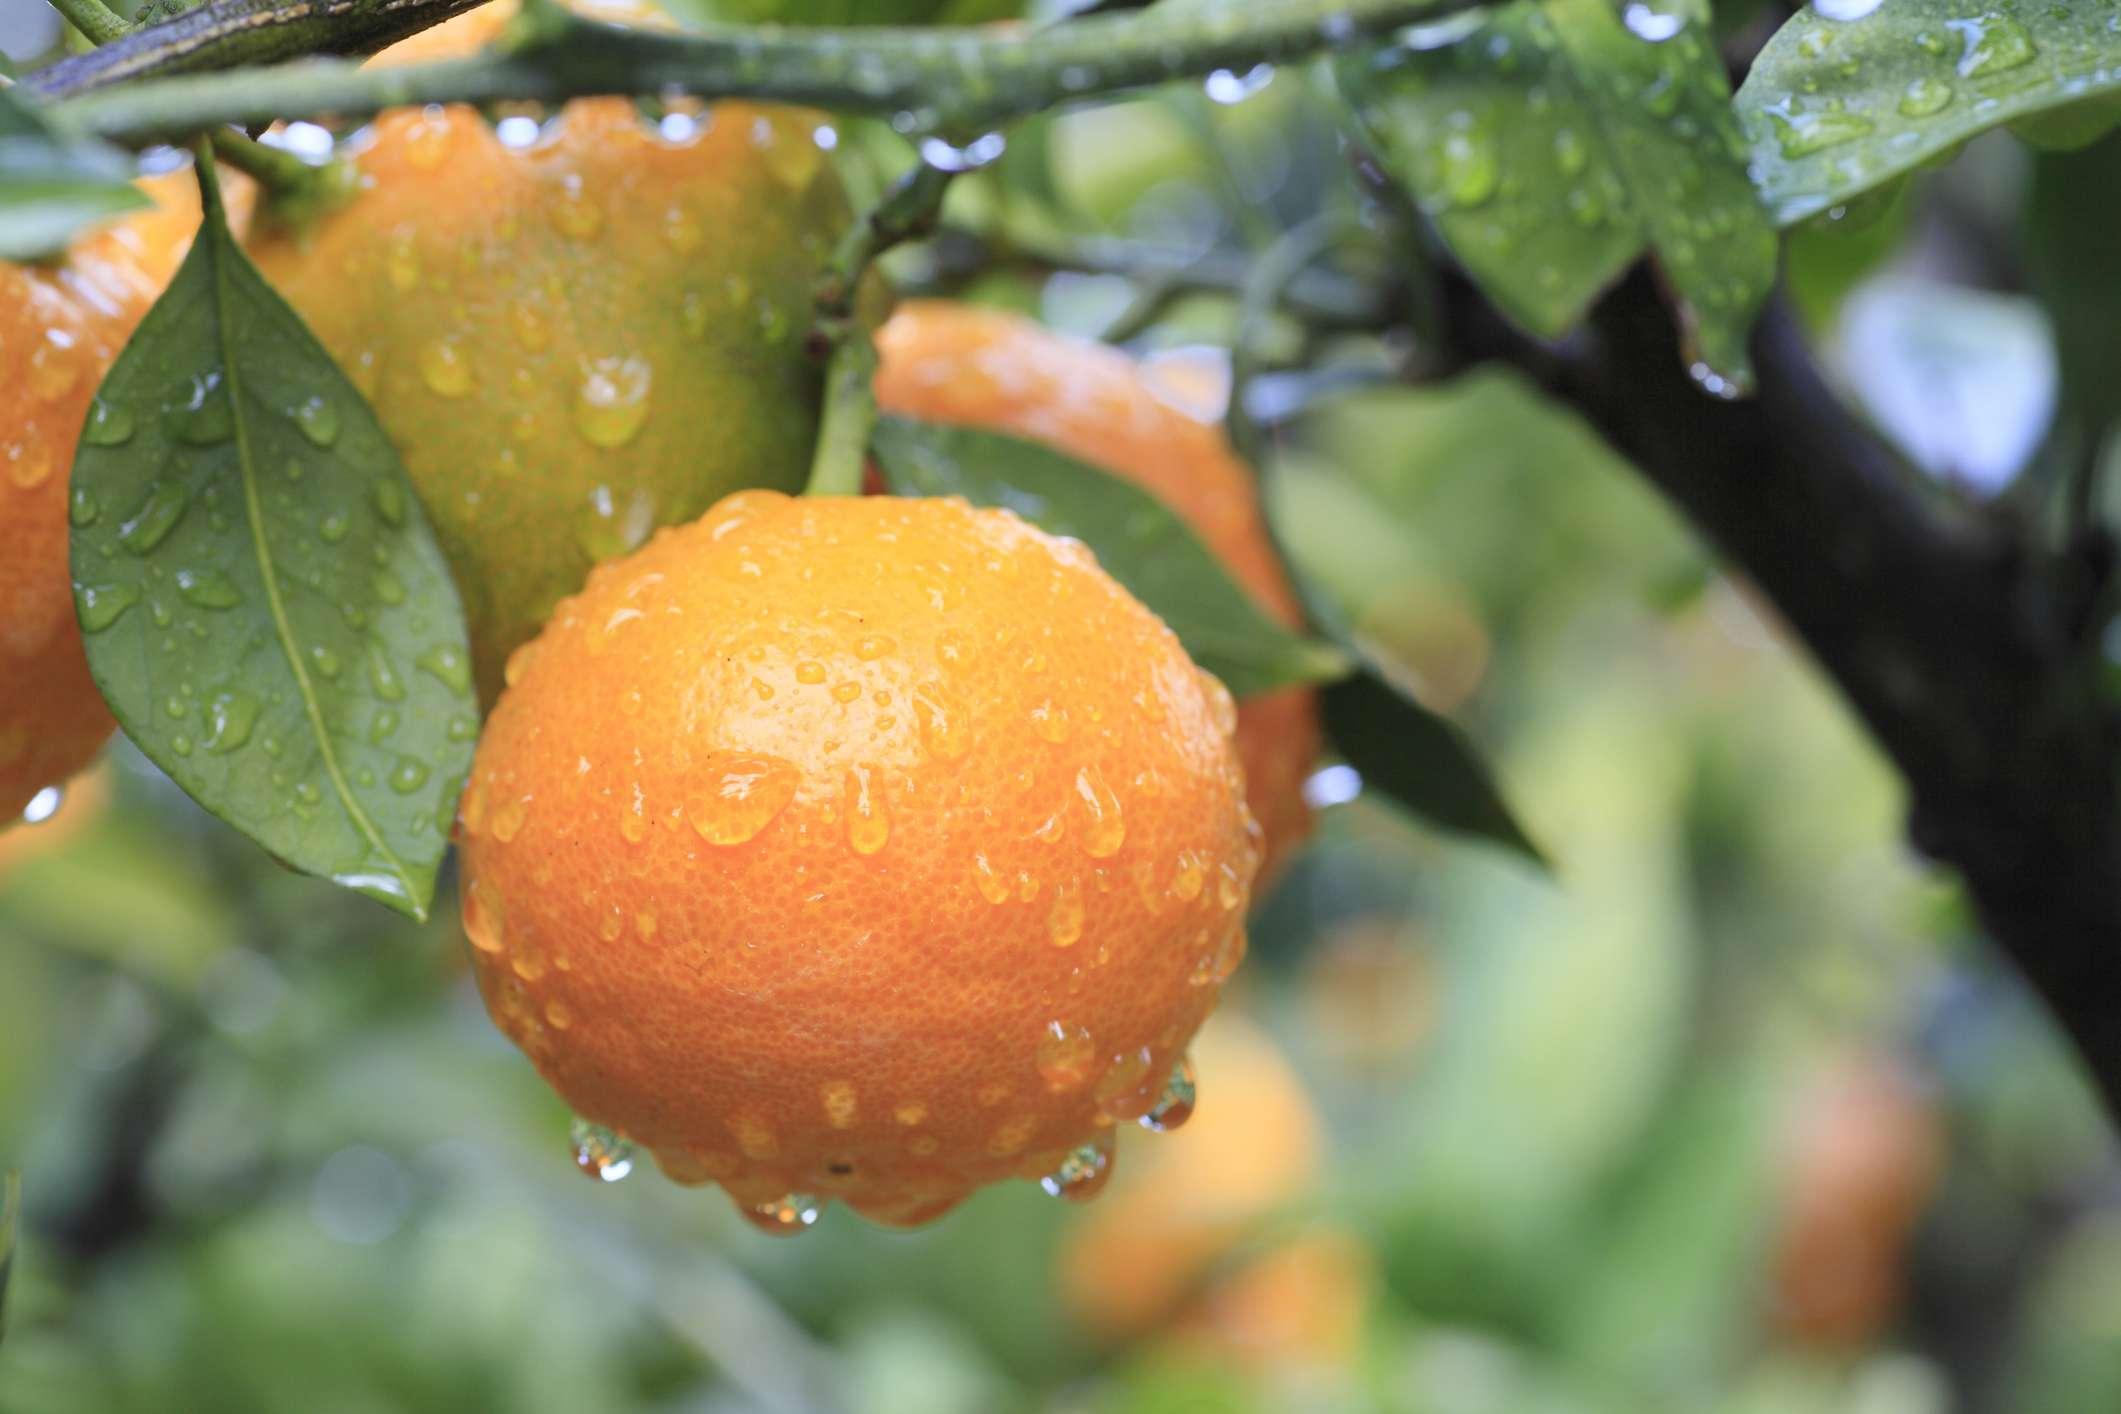 Tangerine tree with tangerines on it.